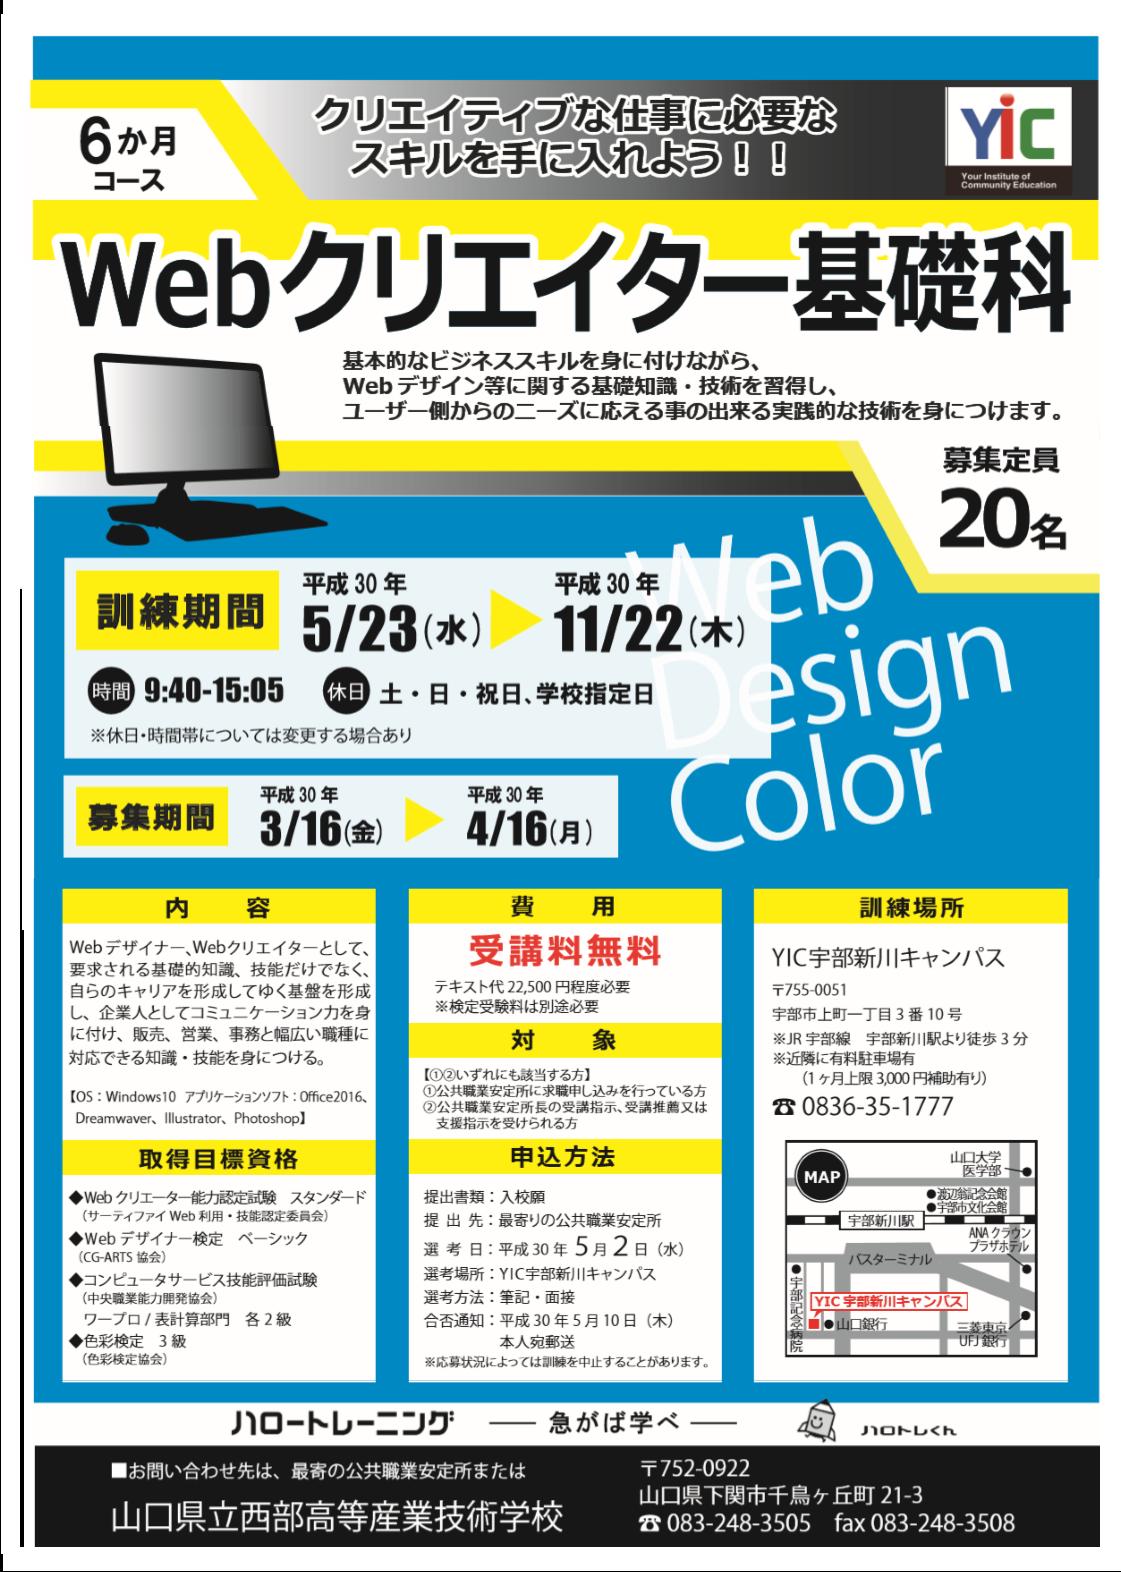 【募集終了しました】Webクリエイター基礎科